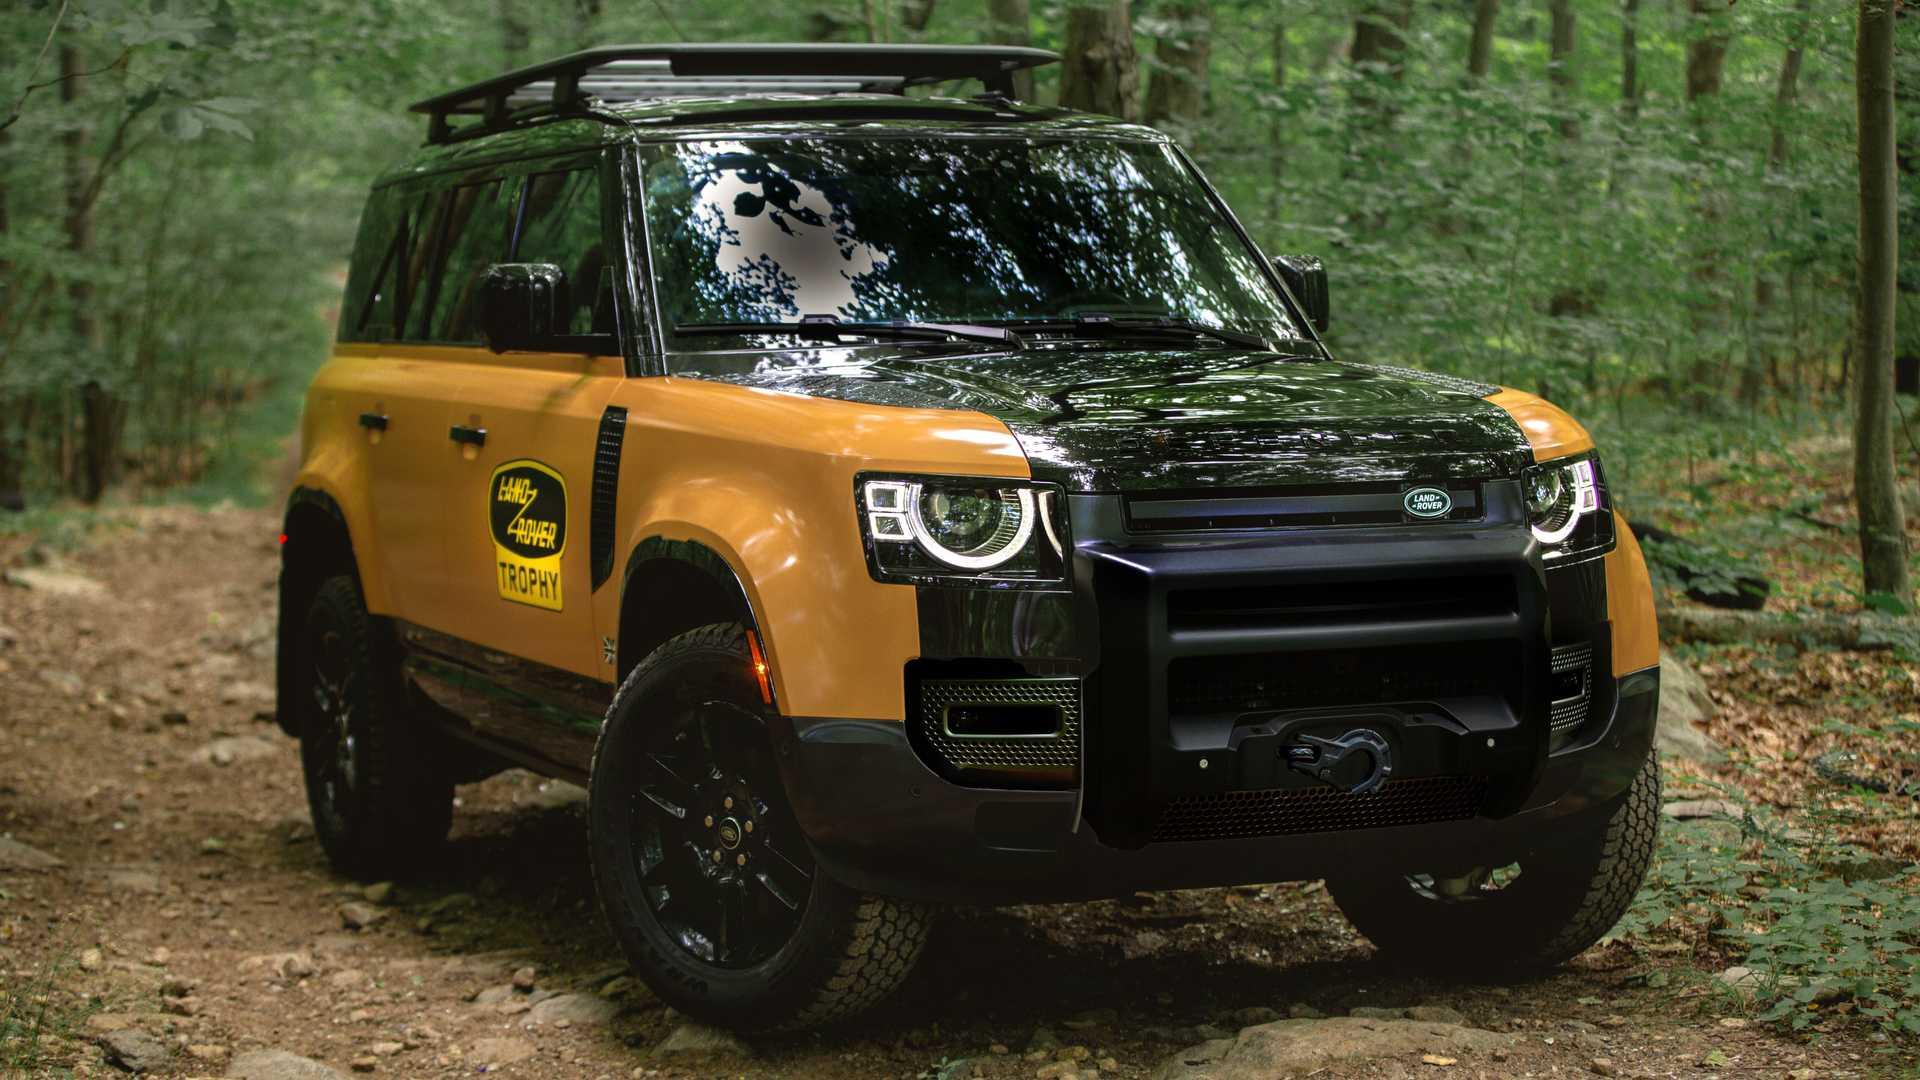 Land Rover презентовал особо внедорожное исполнение Defender под названием Trophy Edition. Издание будет ограничено 220 единицами для США, а продажи стартуют уже в августе по цене от $90 000.